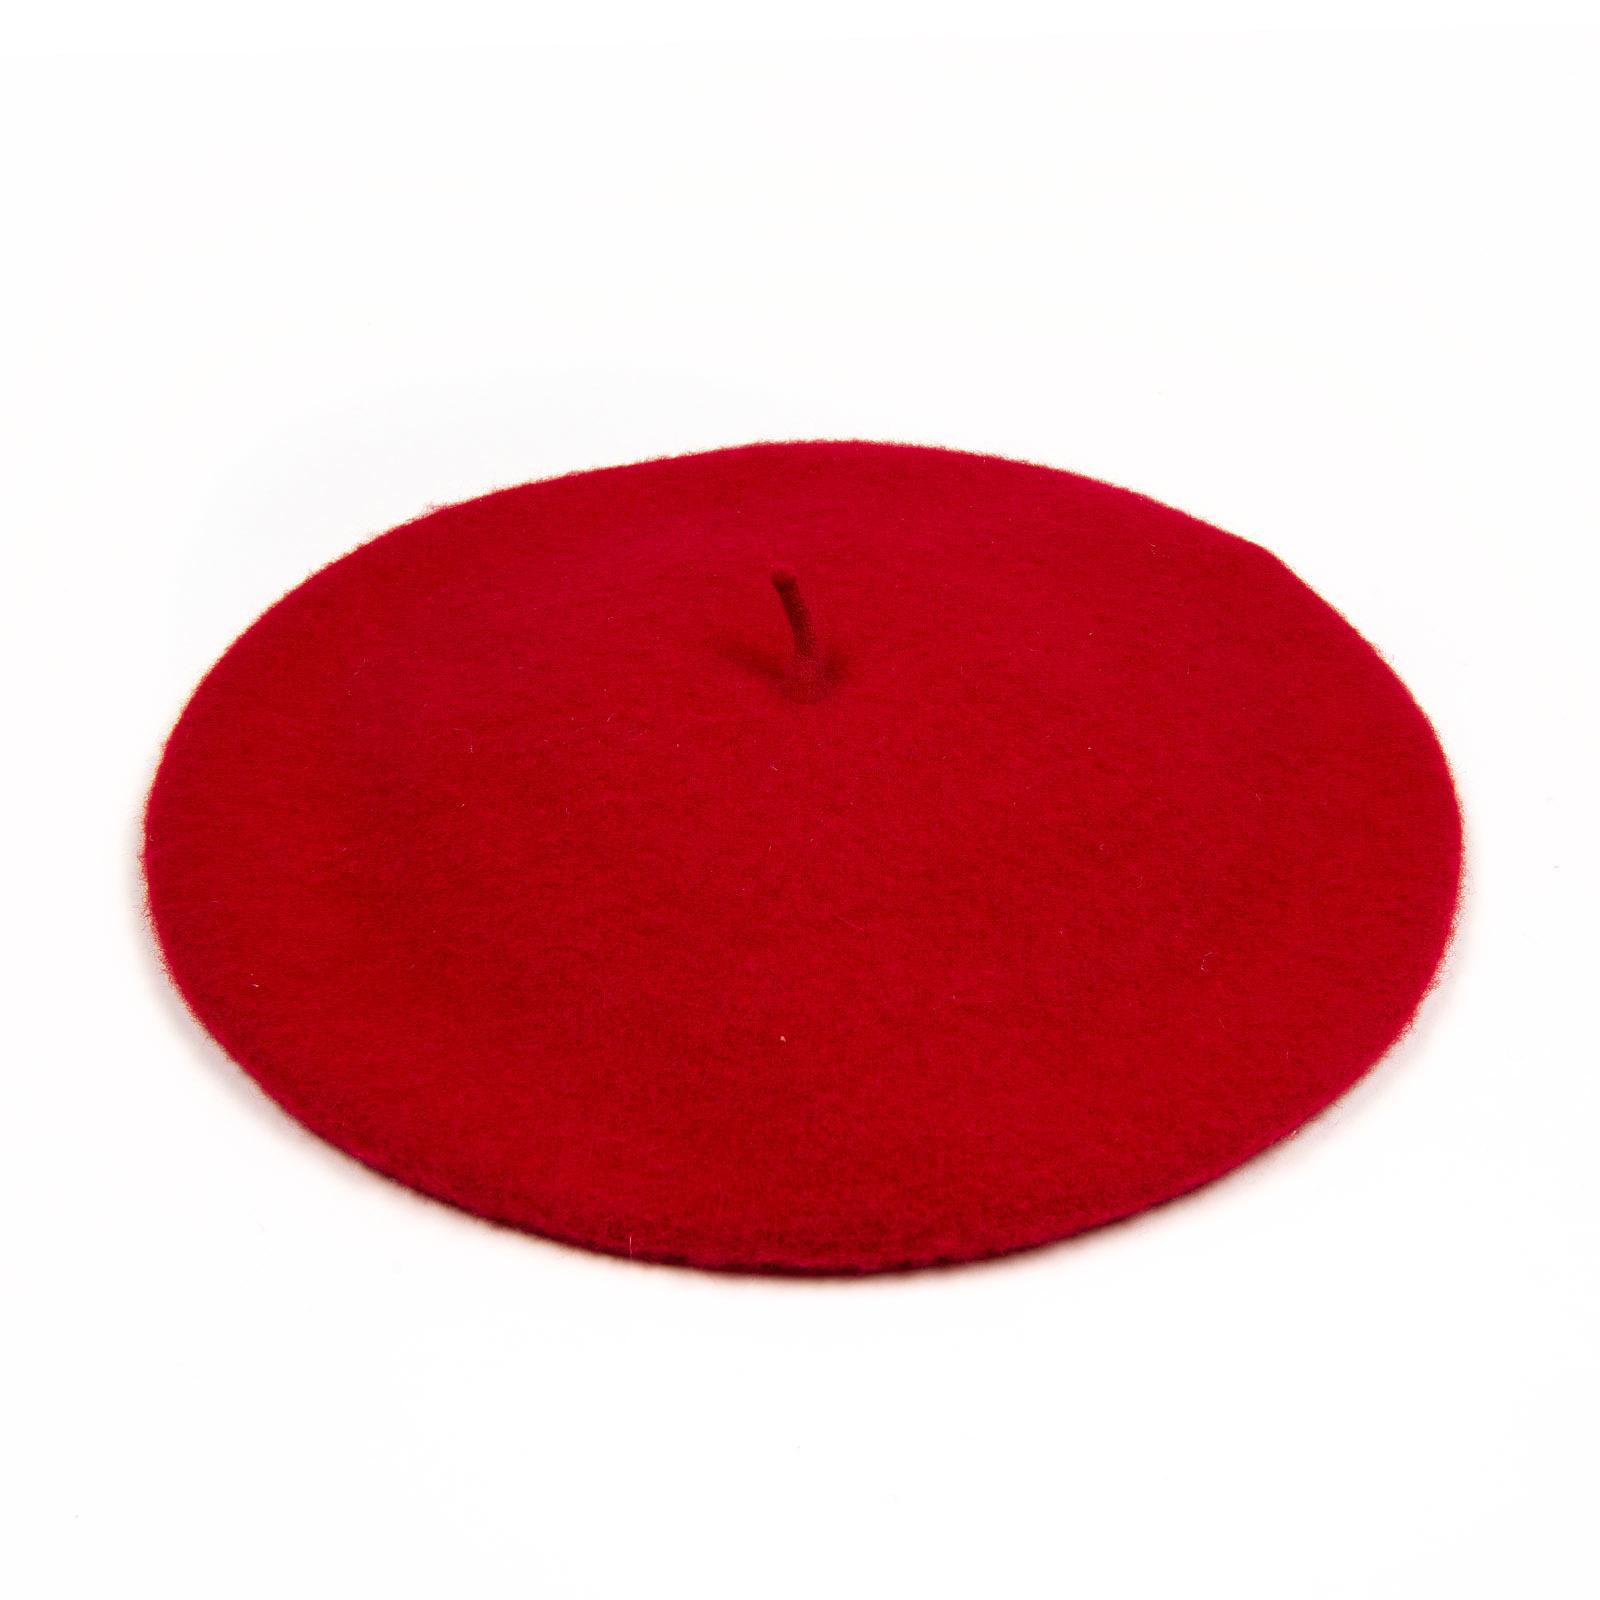 Parkhurst beret red